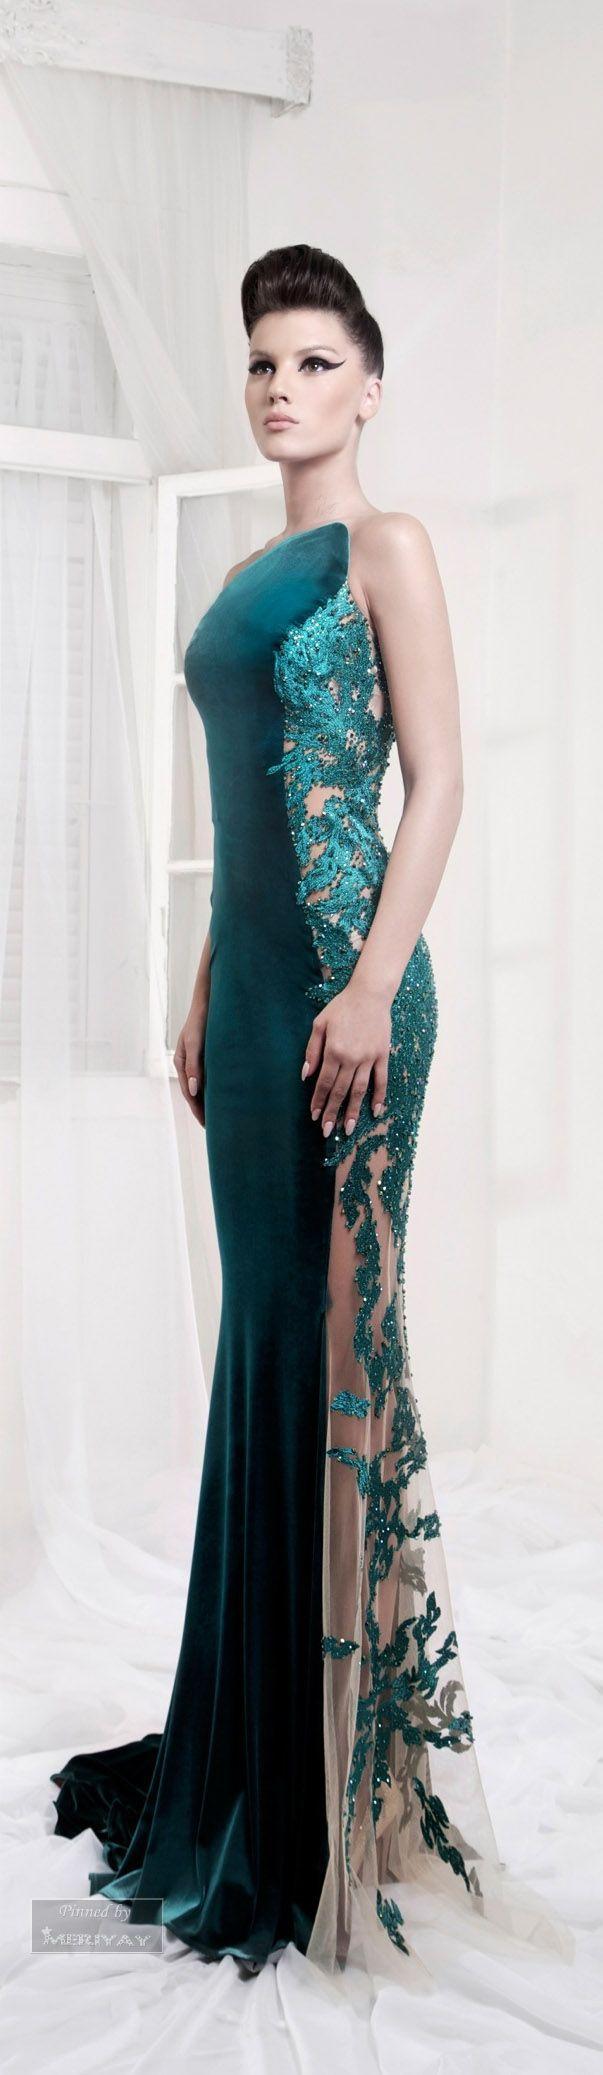 Hochzeit - Red Carpet Fashion